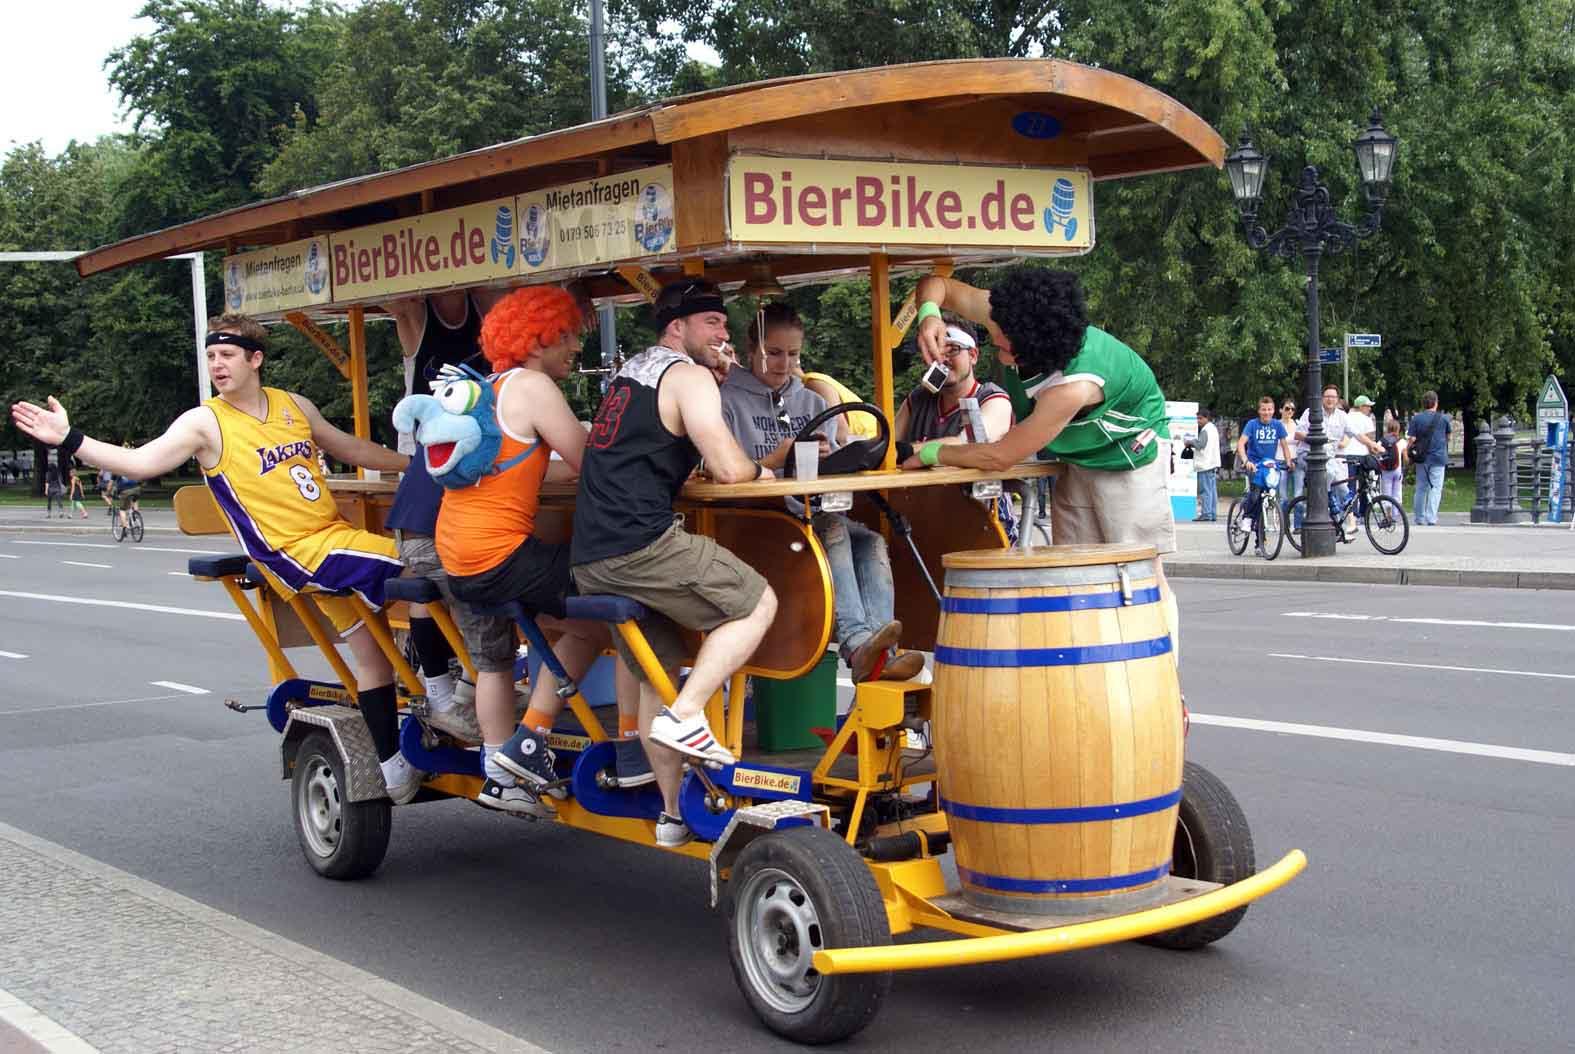 Estos vehículos tan llamativos son los preferidos por los turistas para recorrer alegremente las calles de Berlín